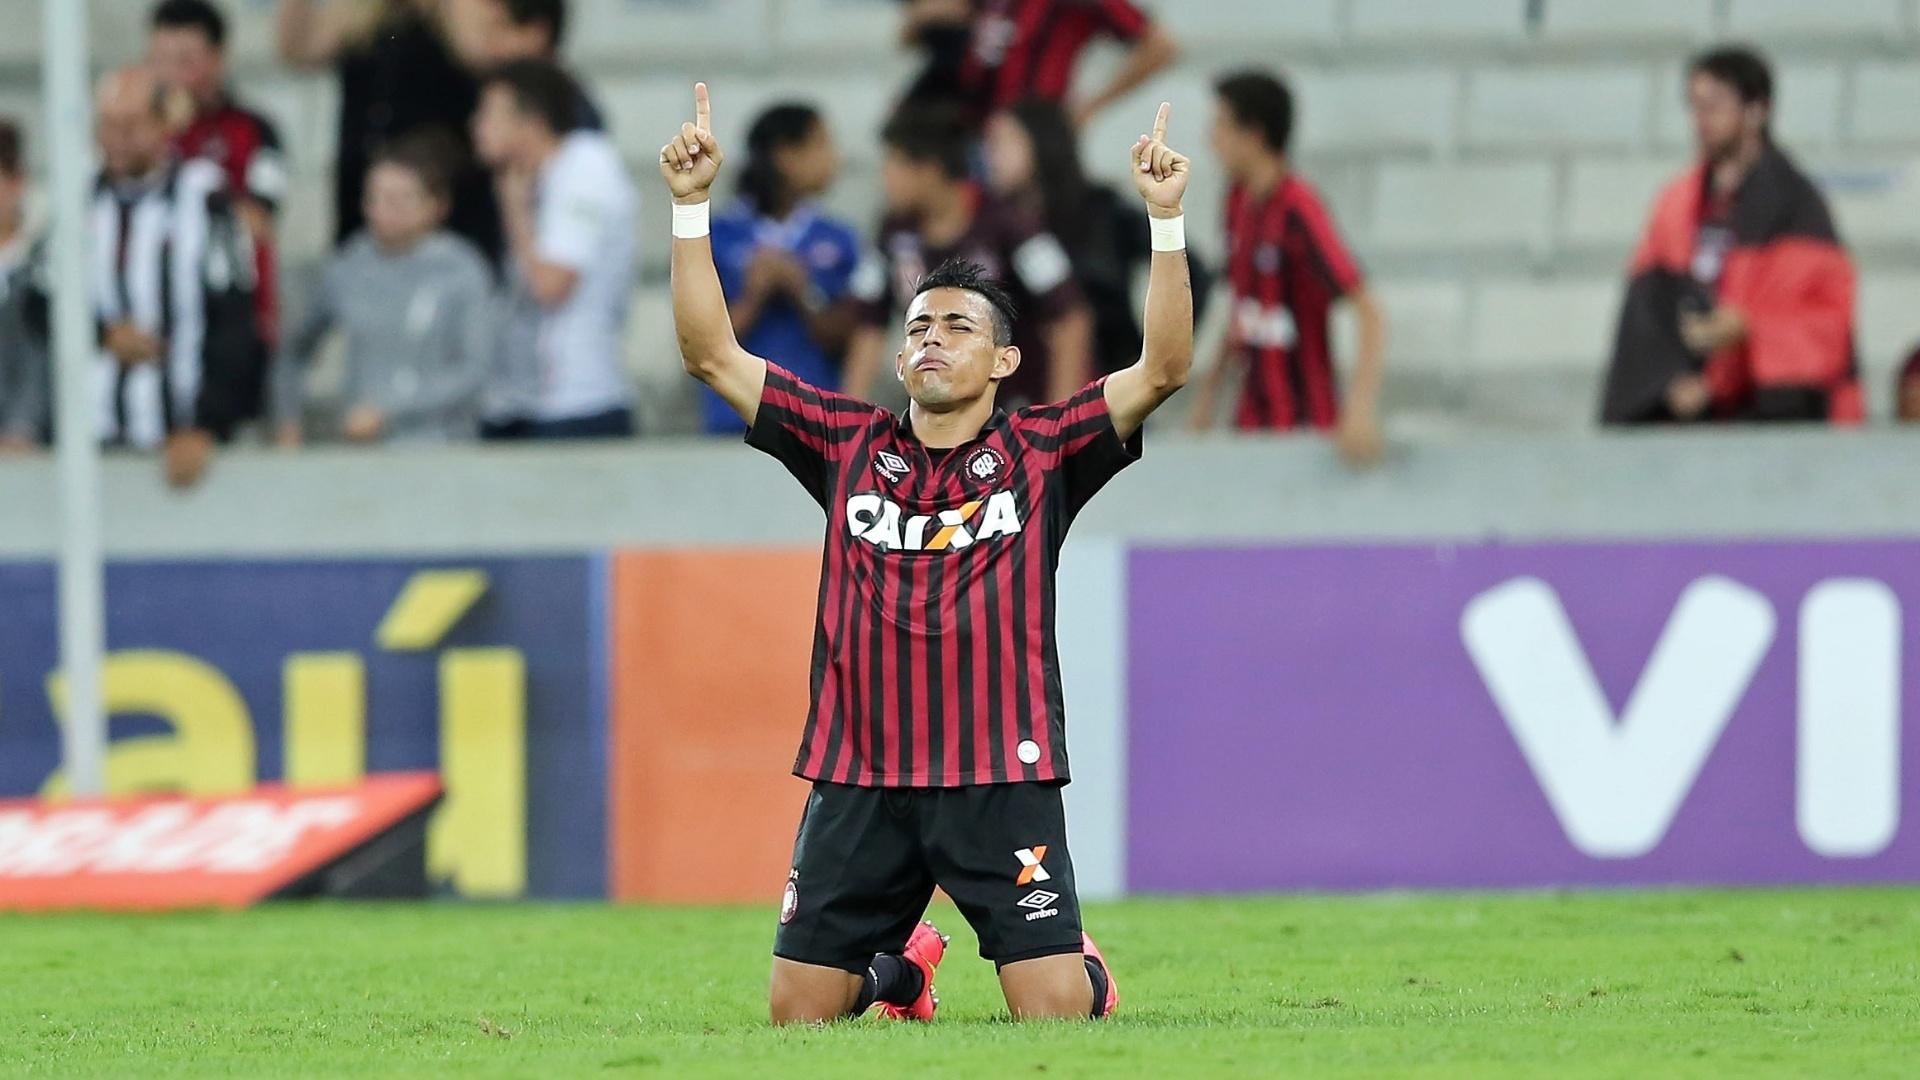 Natanael comemora vitória do Atlético-PR sobre o Goiás em Curitiba